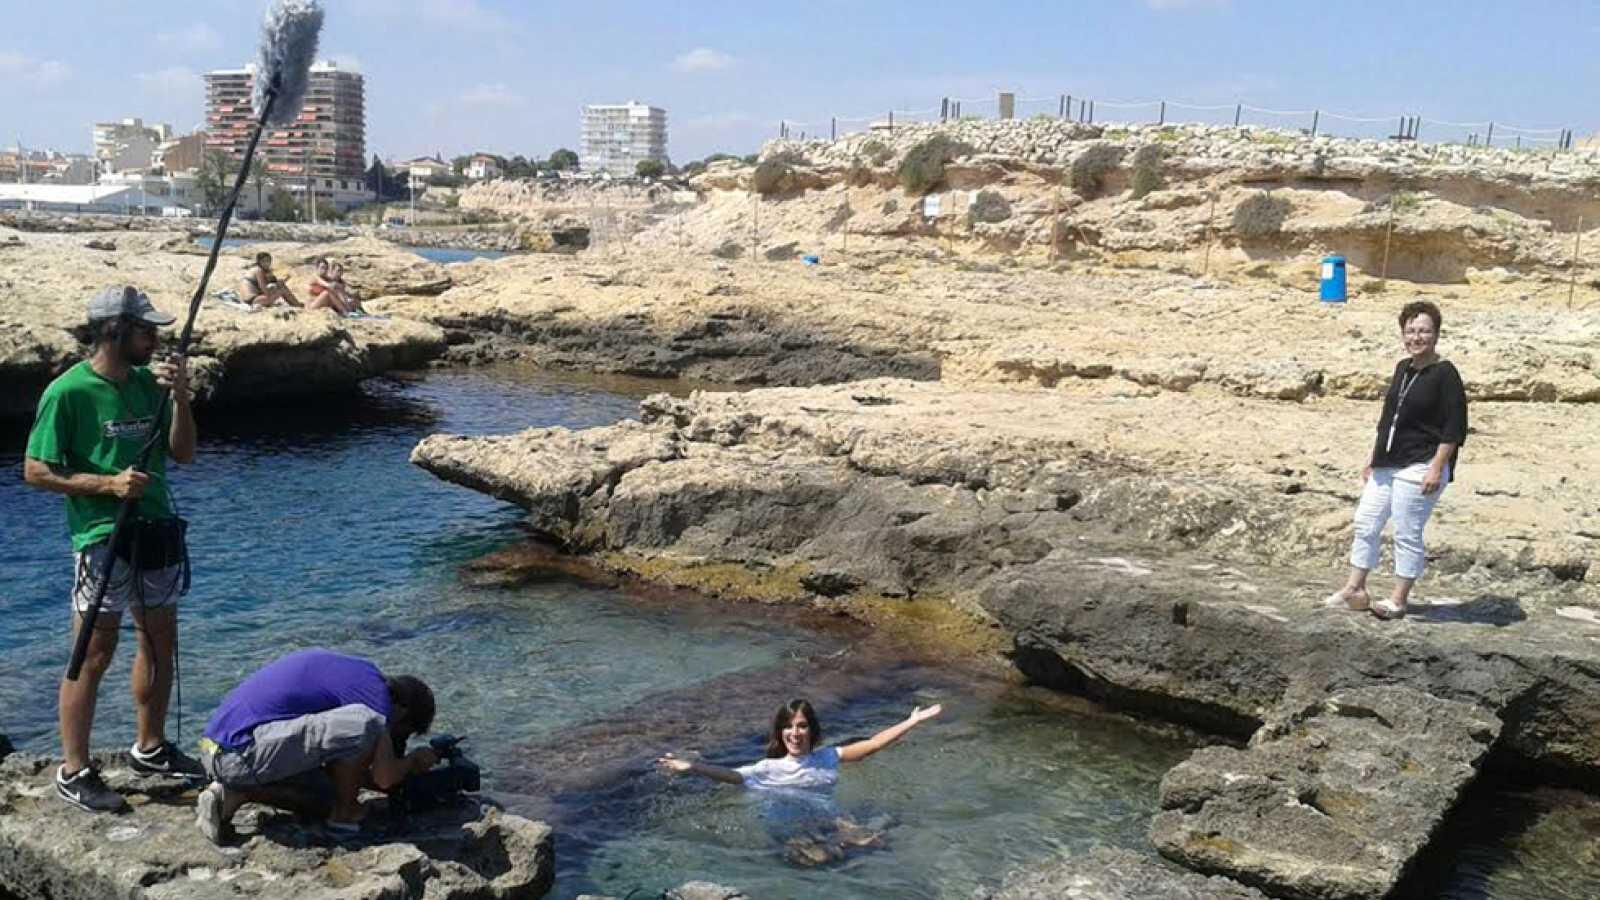 Aqui La Tierra Los Banos De La Reina En Alicante Rtve Es